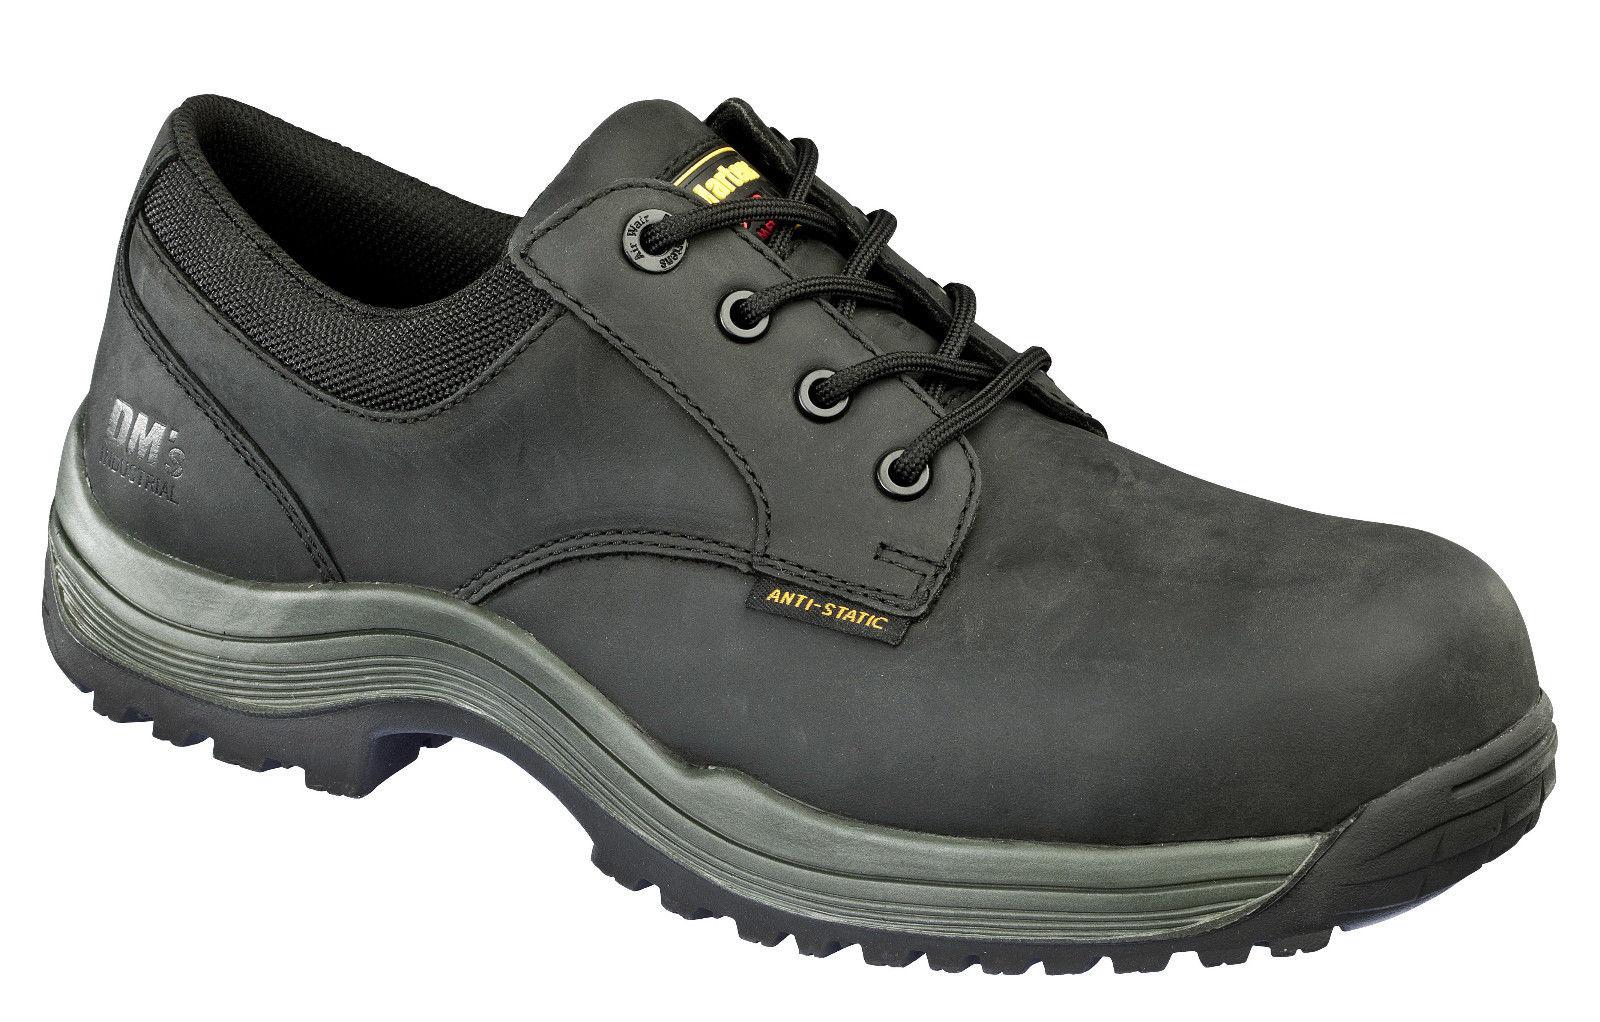 Dr Martens Hawk - Mens Black Smart Safety Work Shoes - Composite Toe   EBay